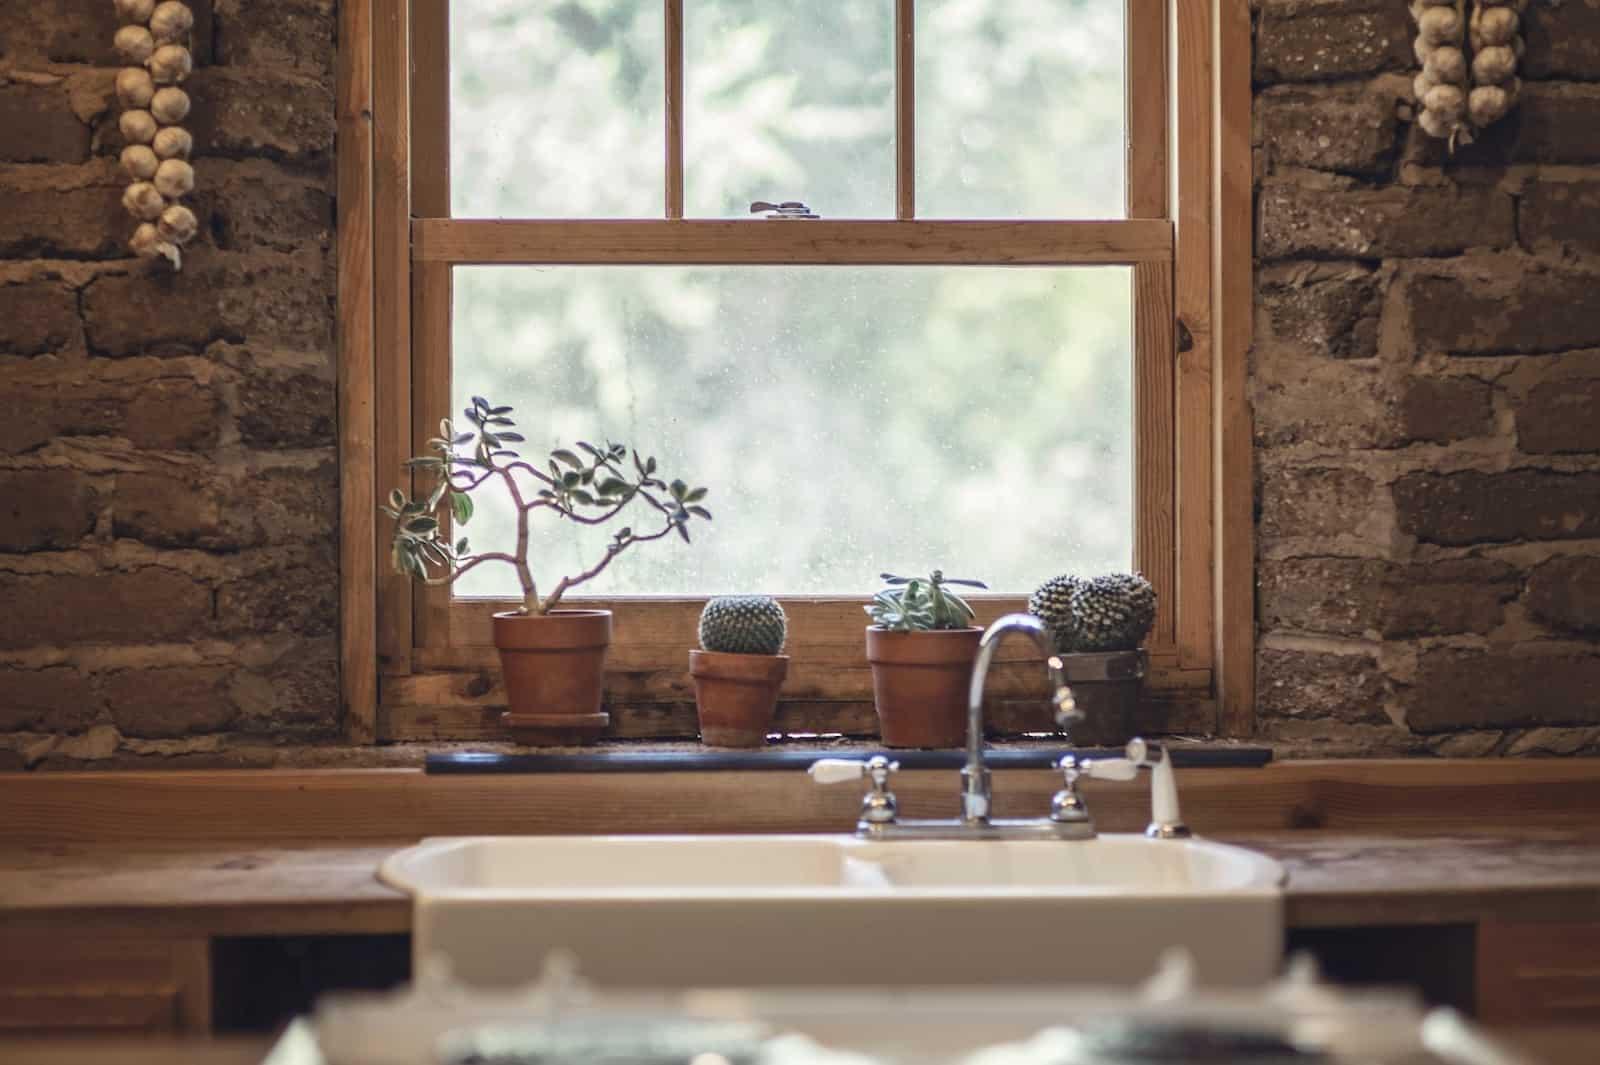 Pencere pervazı da bitkiler için iyi bir yerdir.